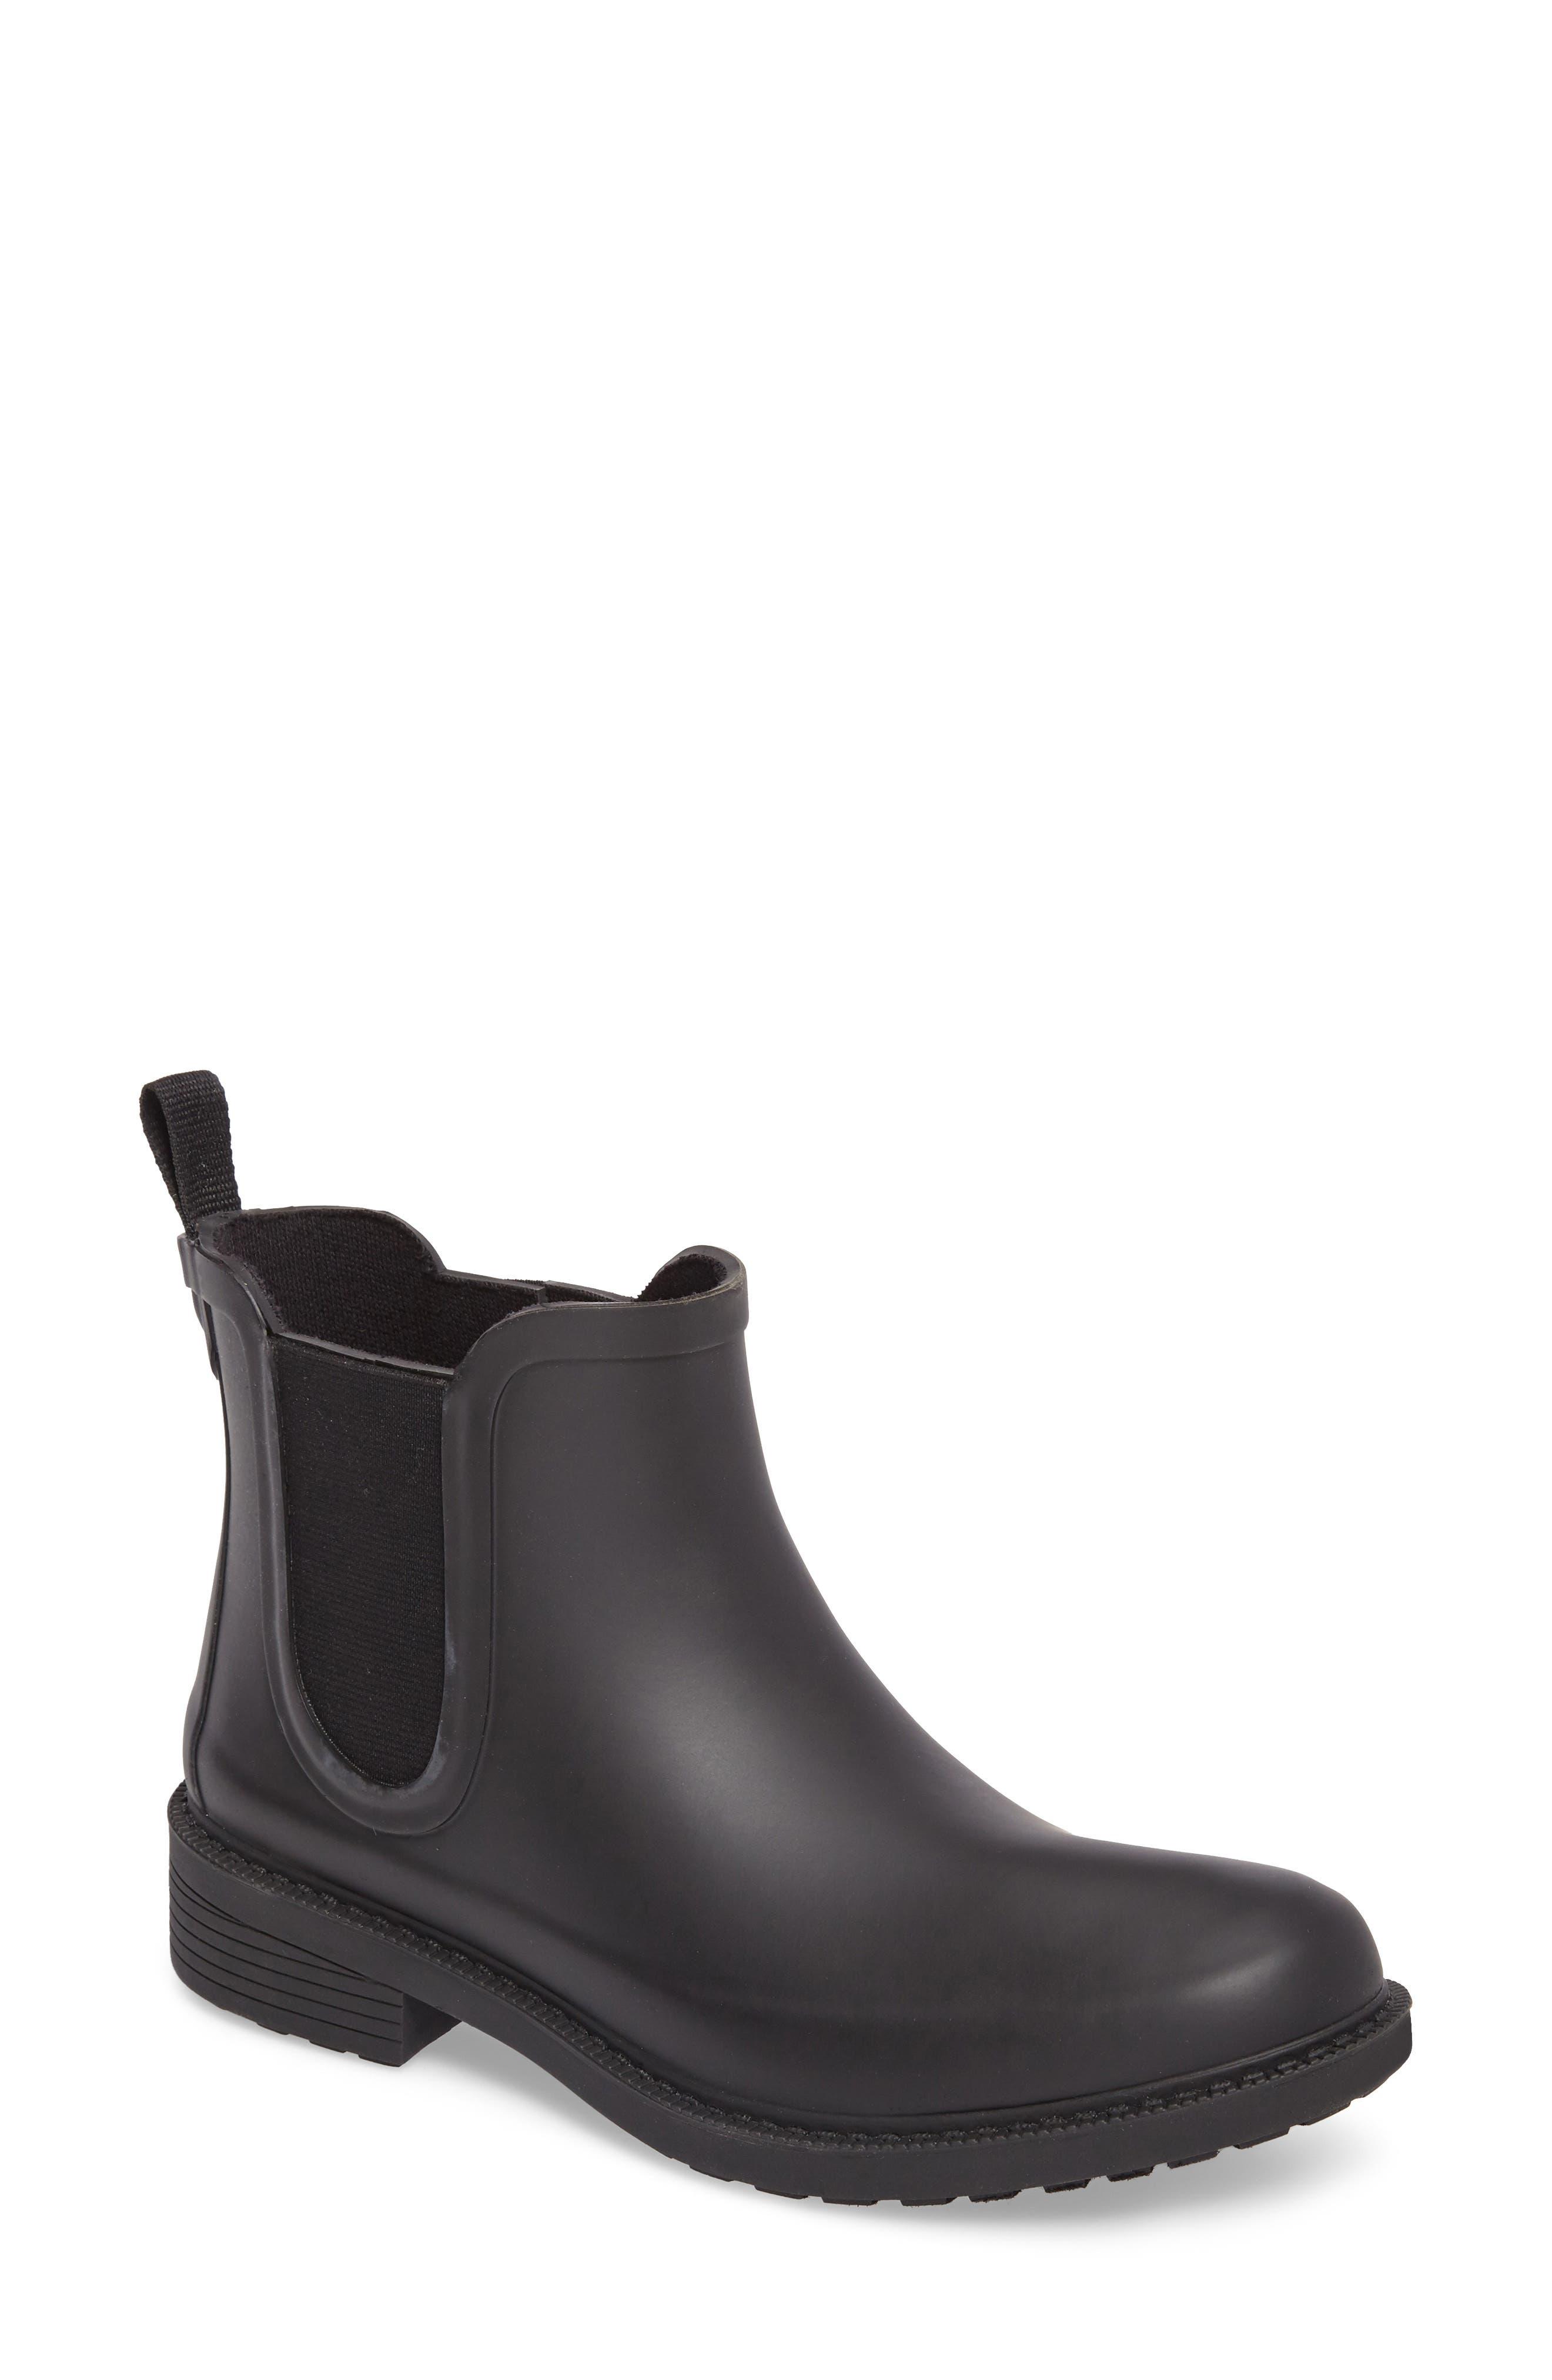 Main Image - Madewell The Chelsea Rain Boot (Women)